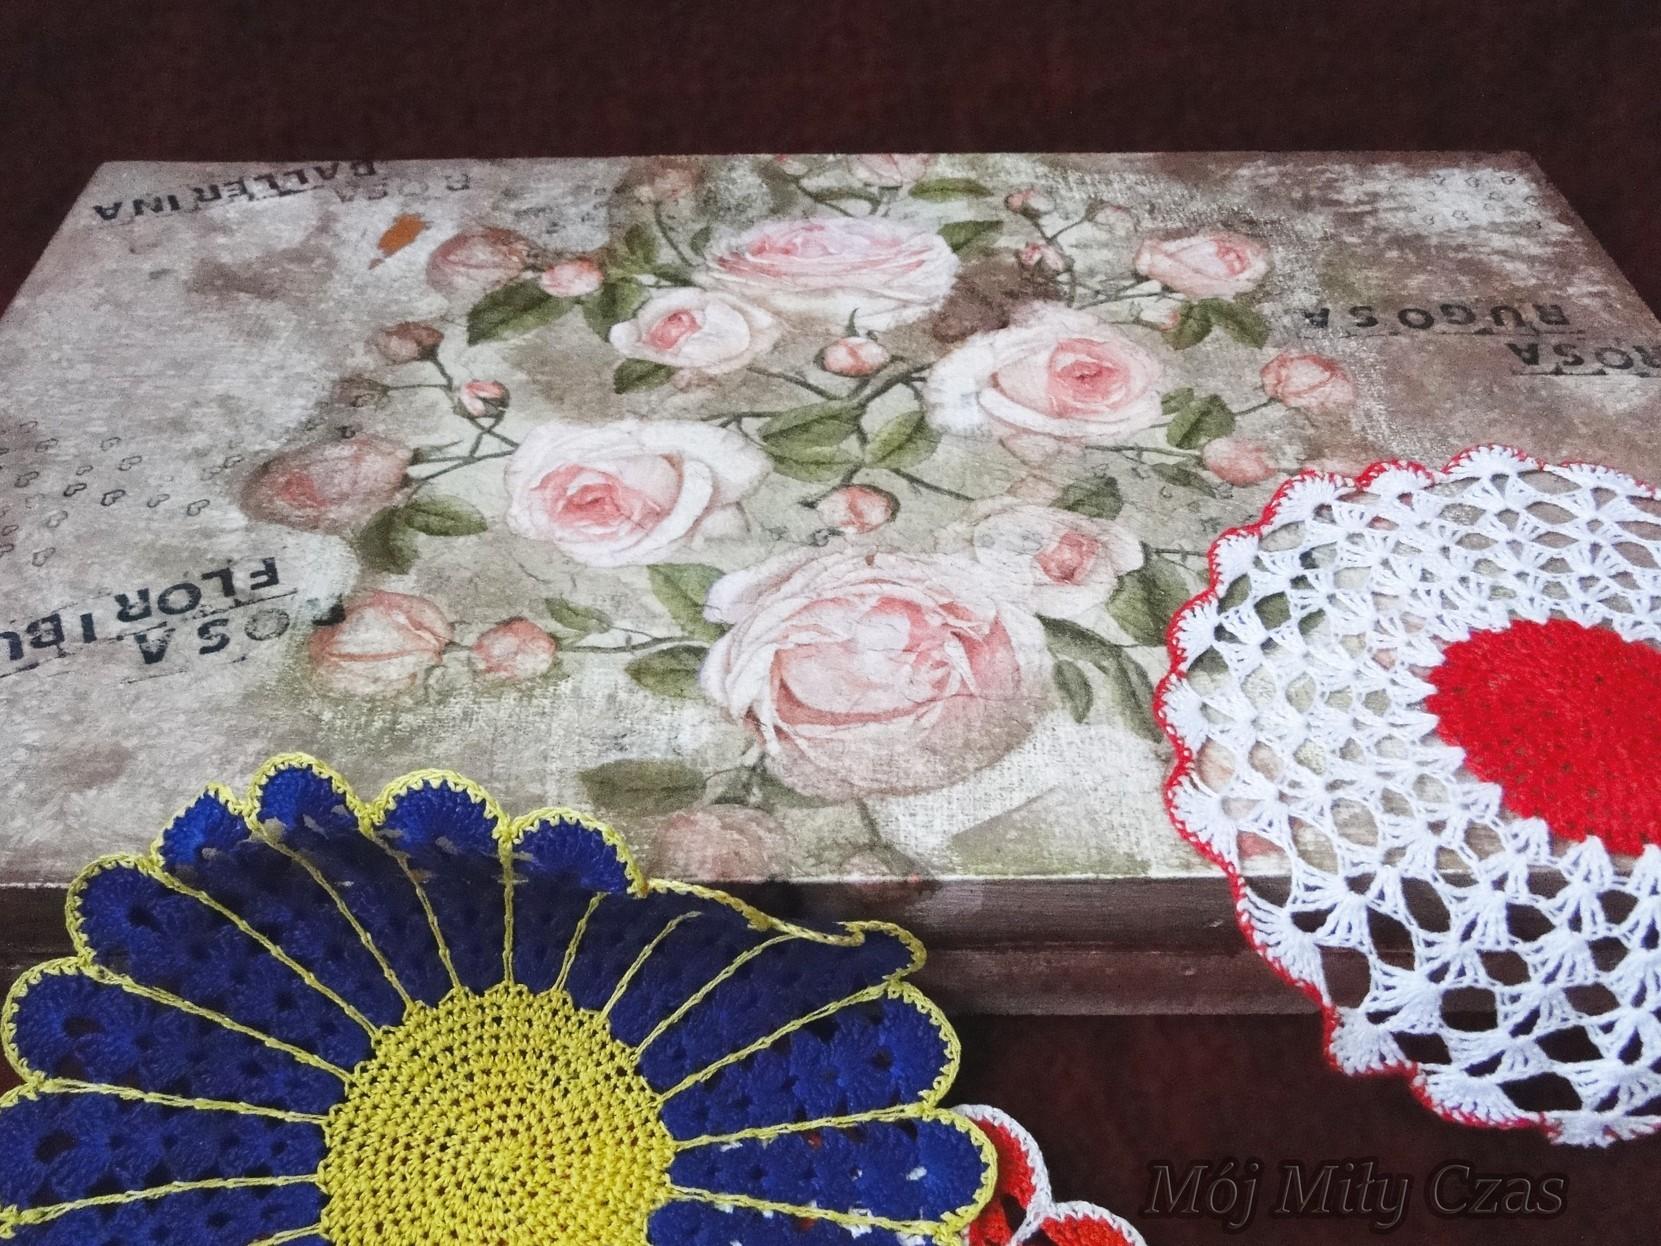 Pudełko w róże i serwetki kolorowe